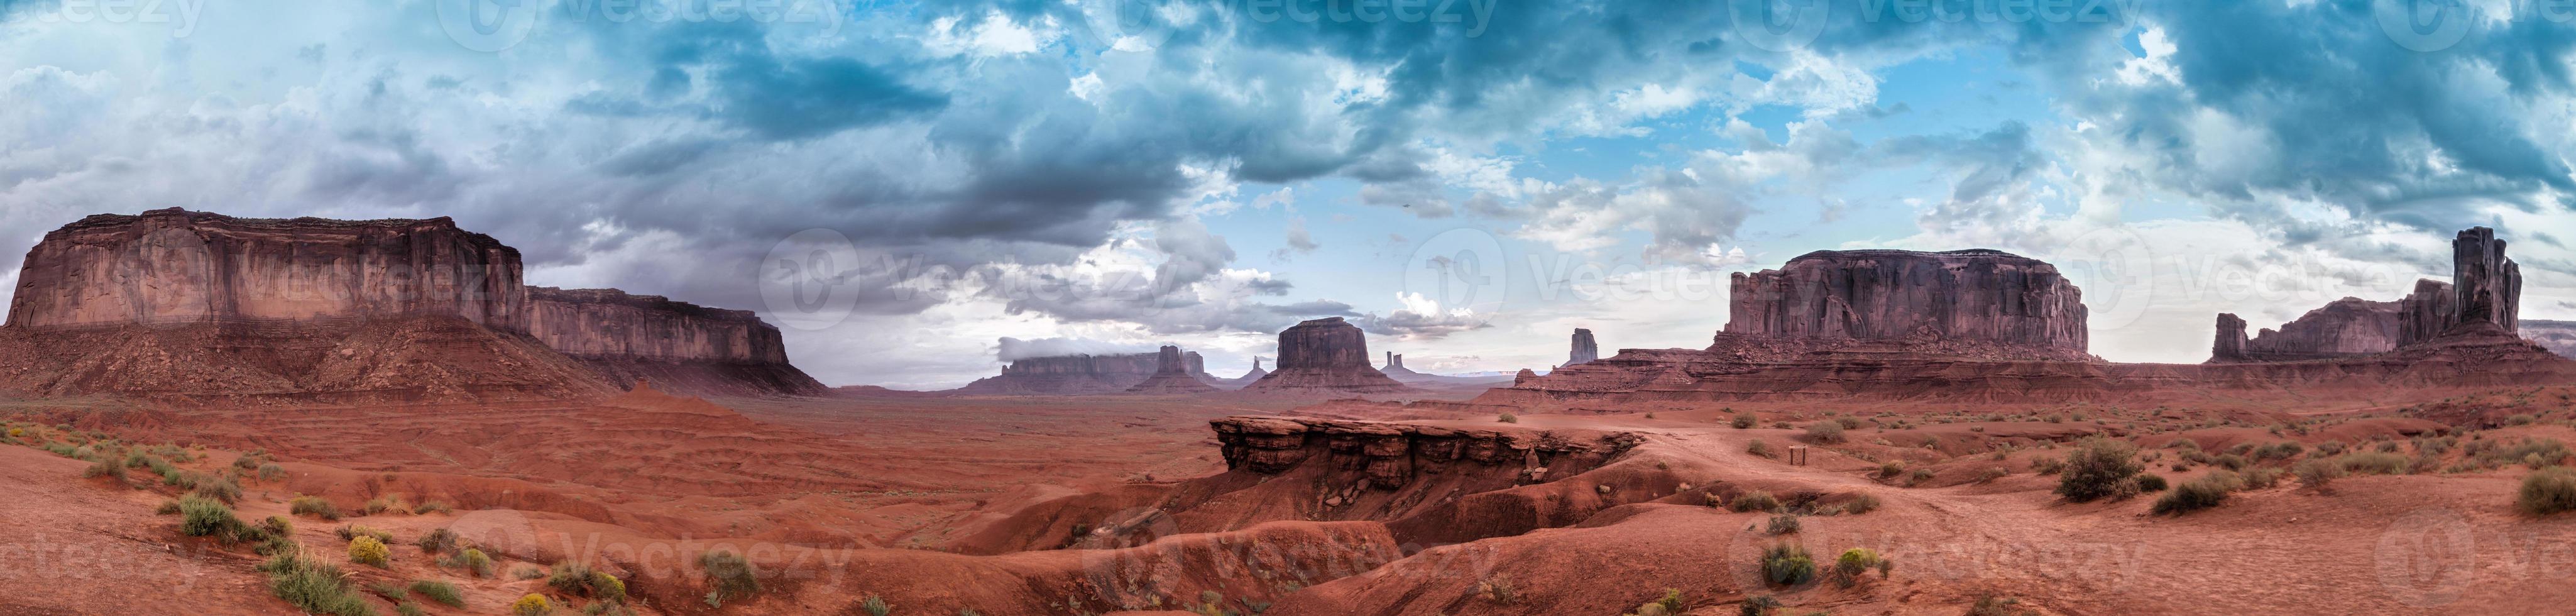 monument vallée panorama skyline photo